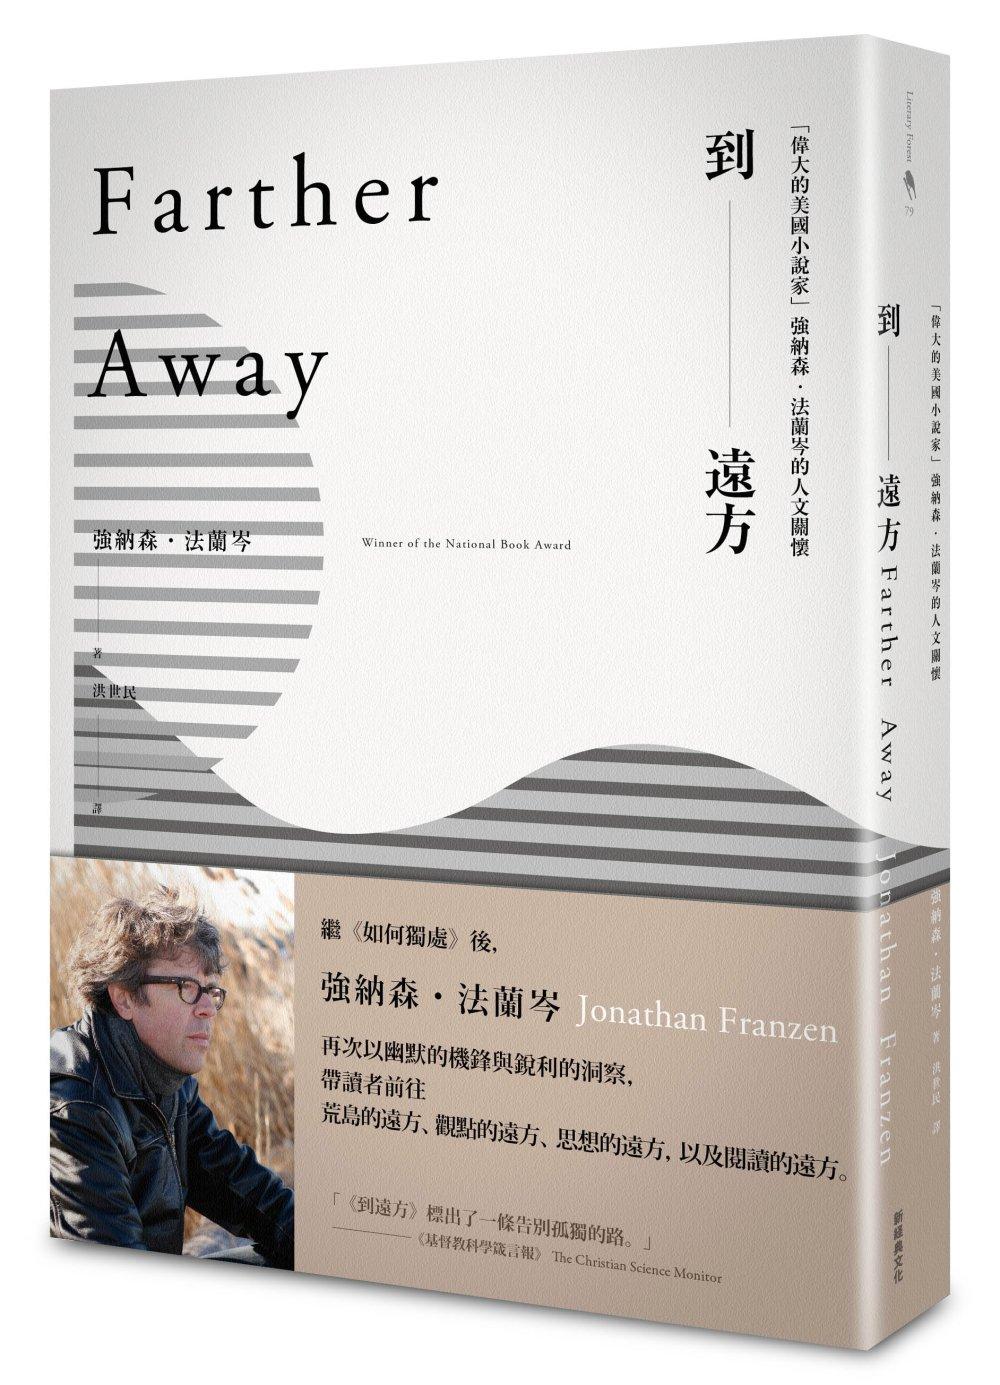 到遠方:「偉大的美國小說家」強納森‧法蘭岑的人文關懷